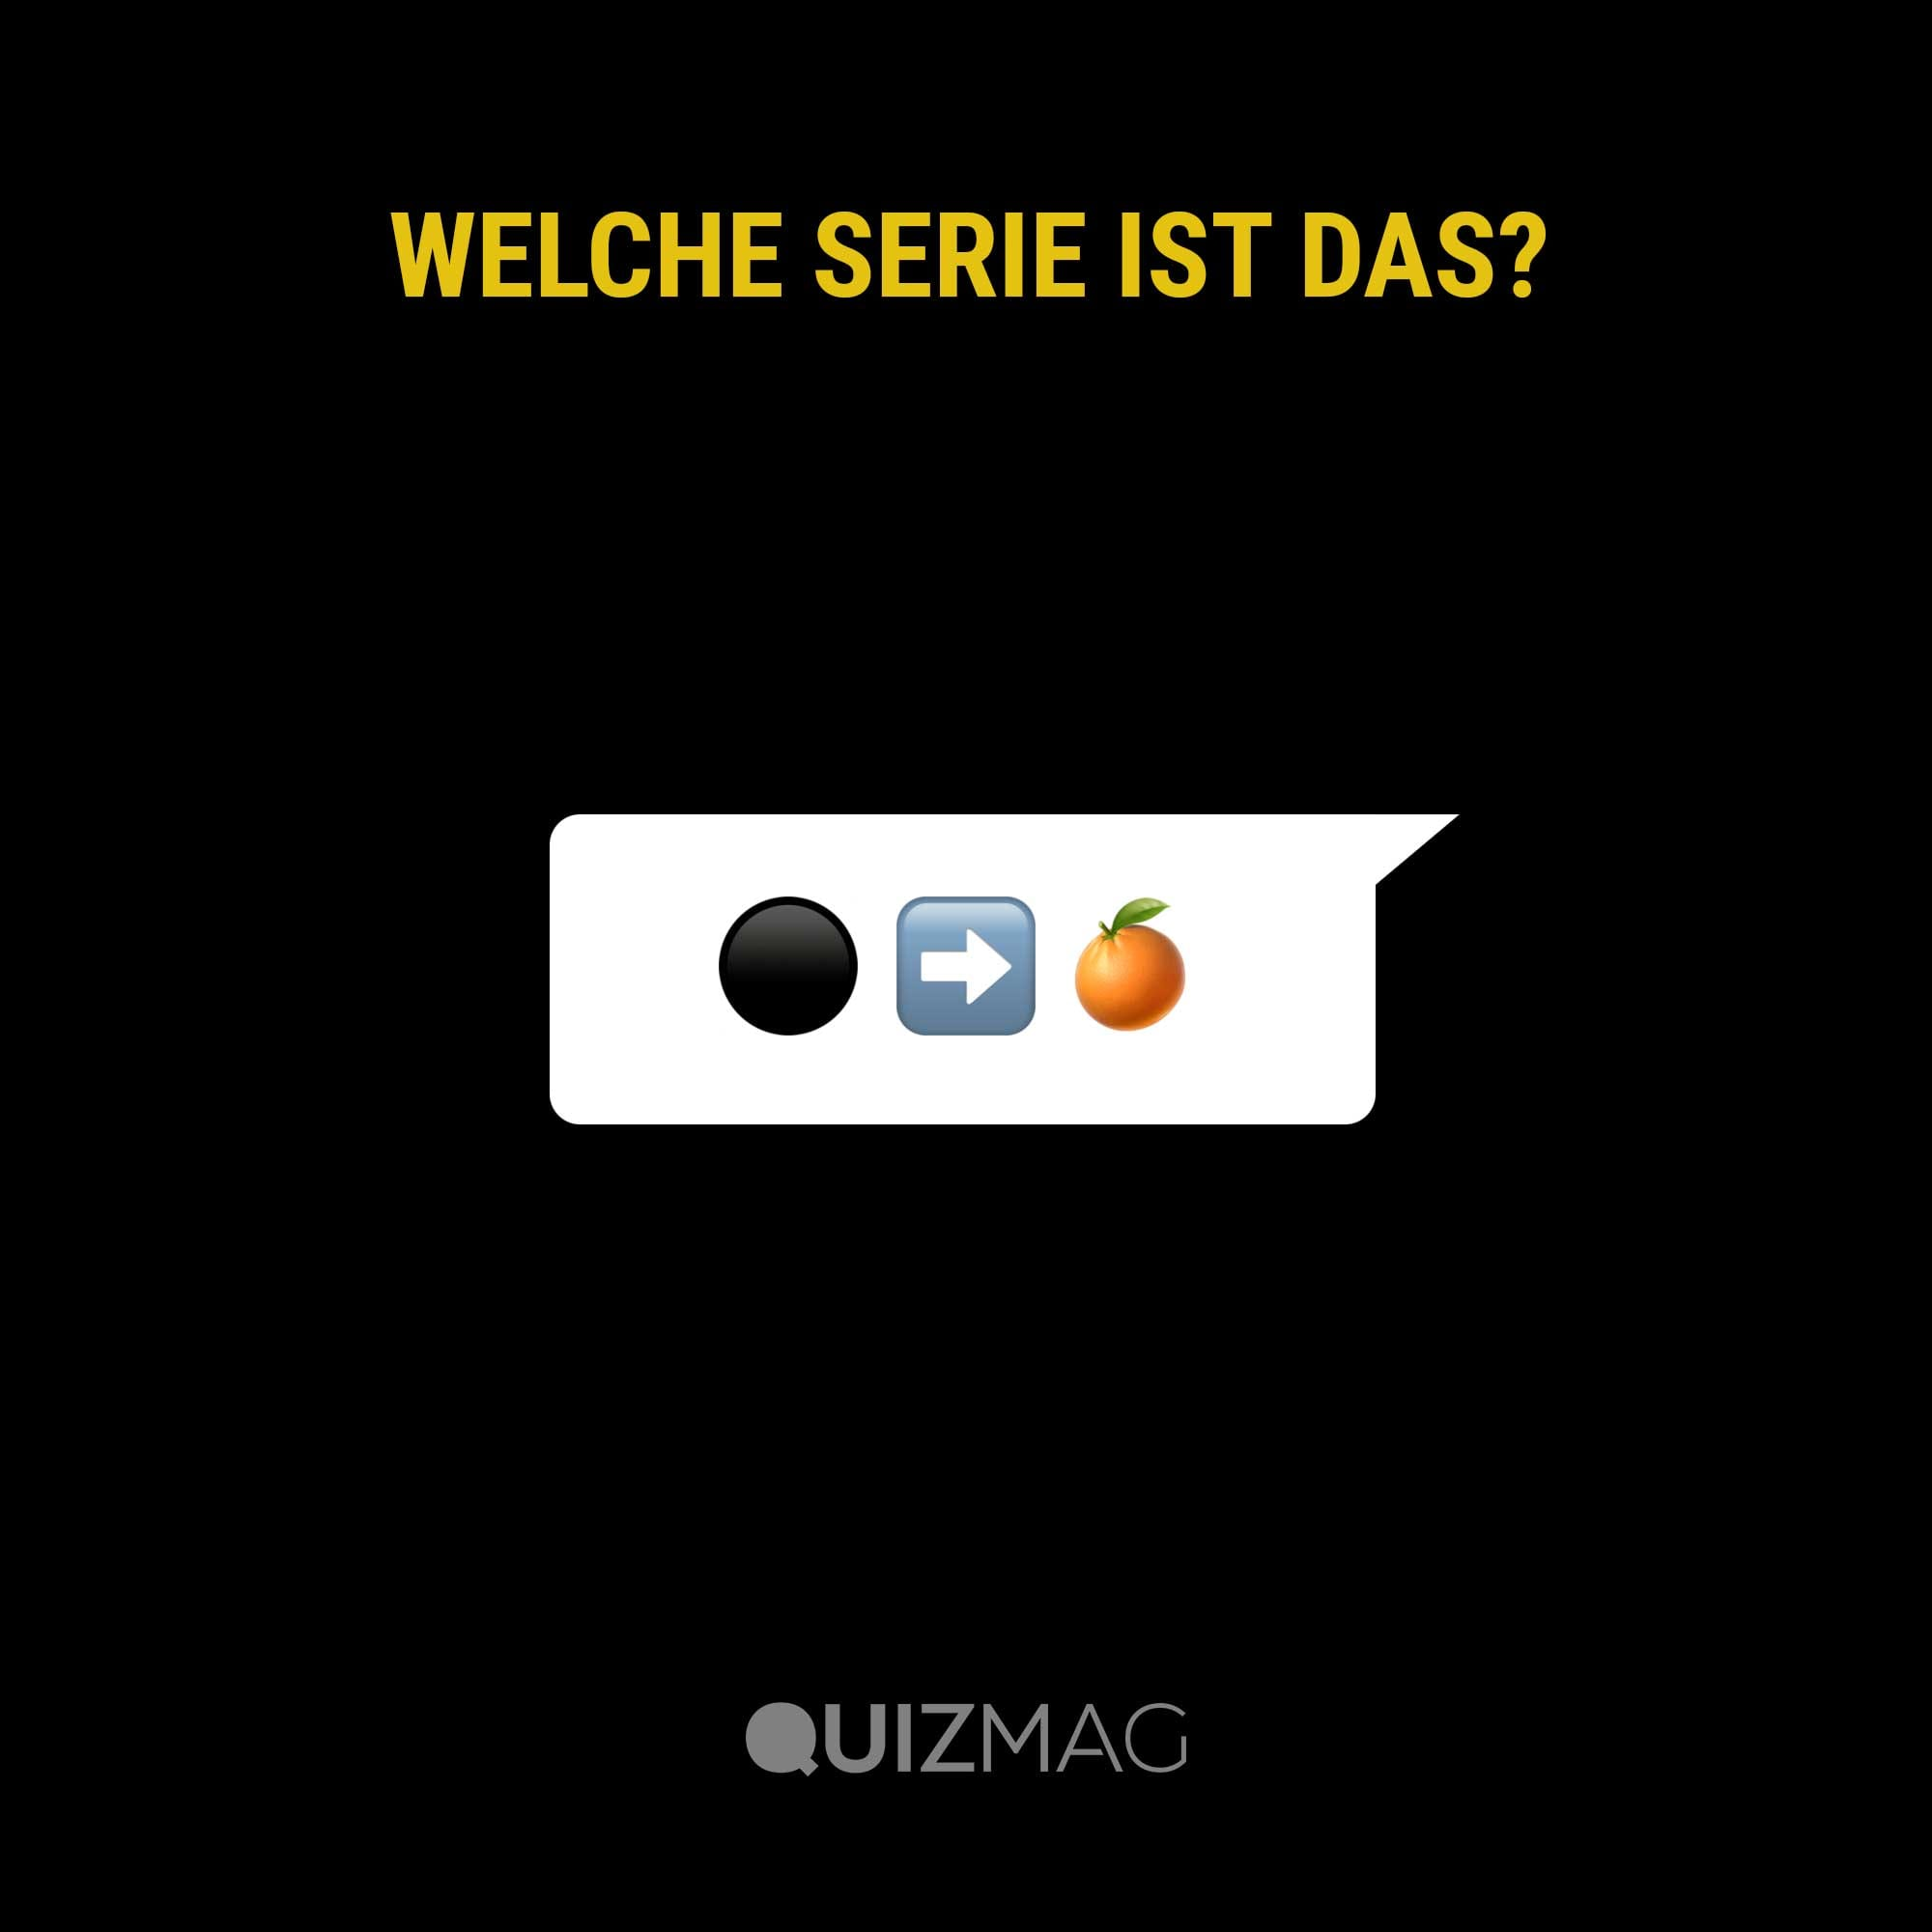 emojiserien_02 Serien in Emojis